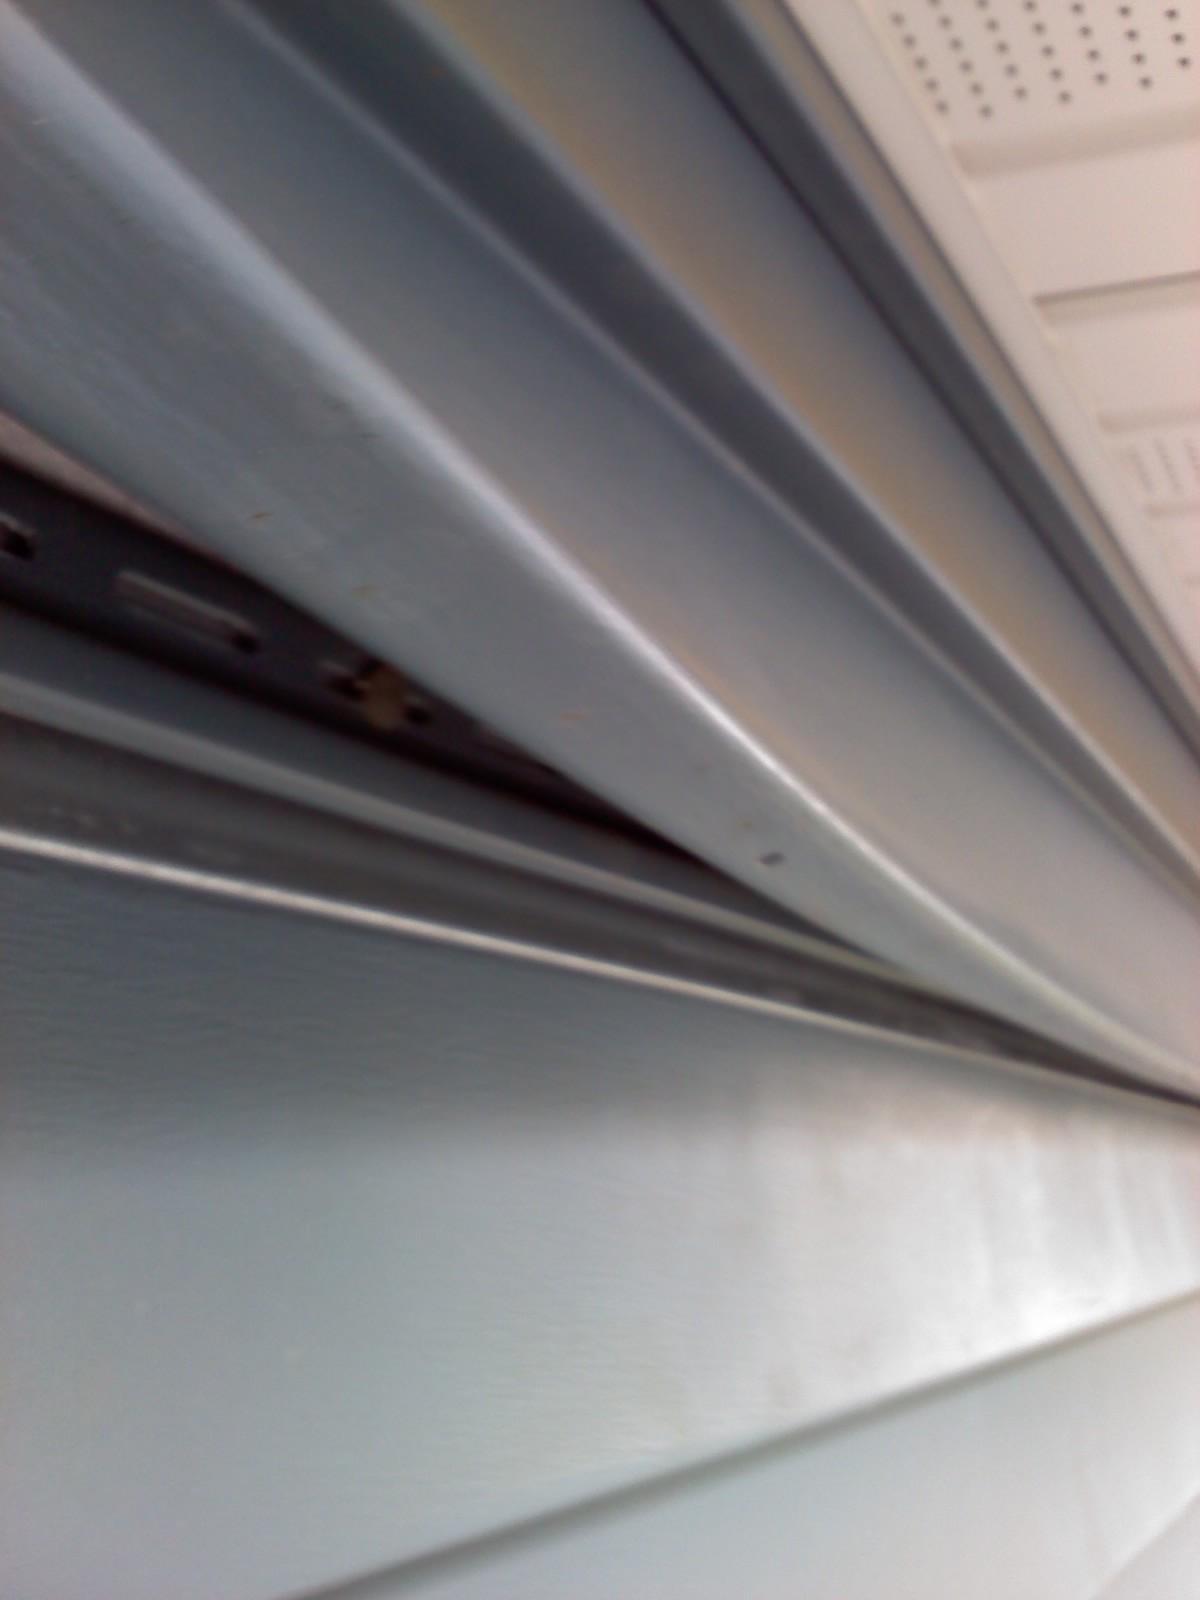 vinyl siding problem-0625111435a.jpg